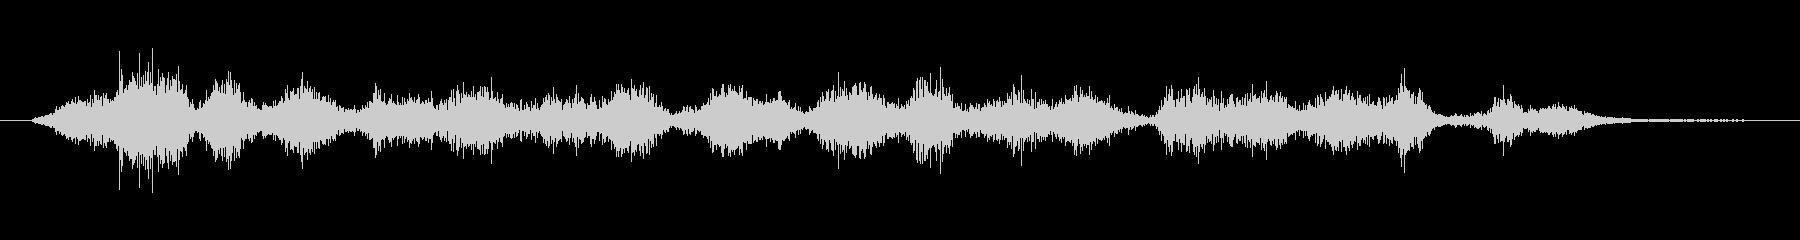 群集 Evoke 04ノーマル02の未再生の波形